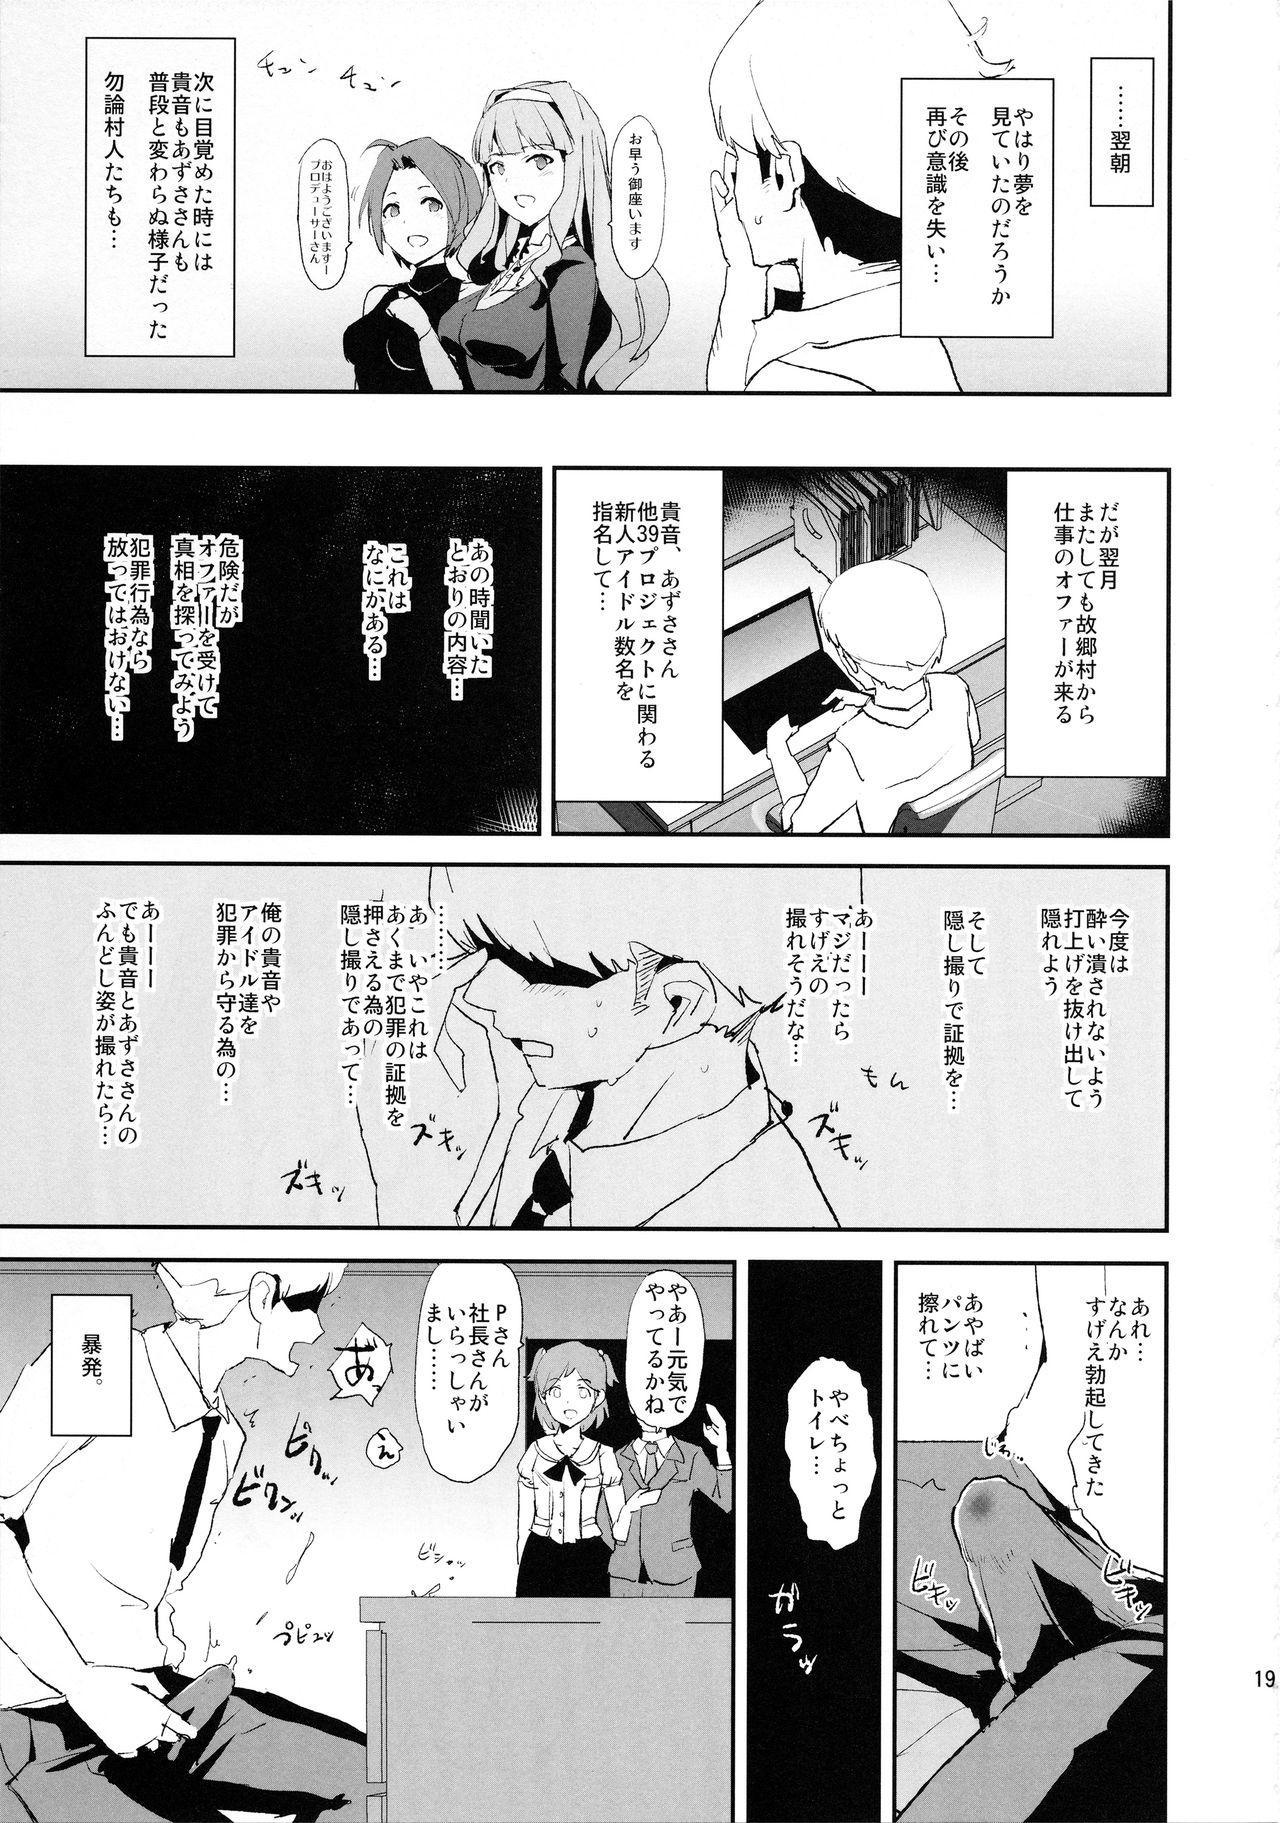 Shijou Takane no Fundoshi Dosukebe Muramatsuri with Miura Azusa 18